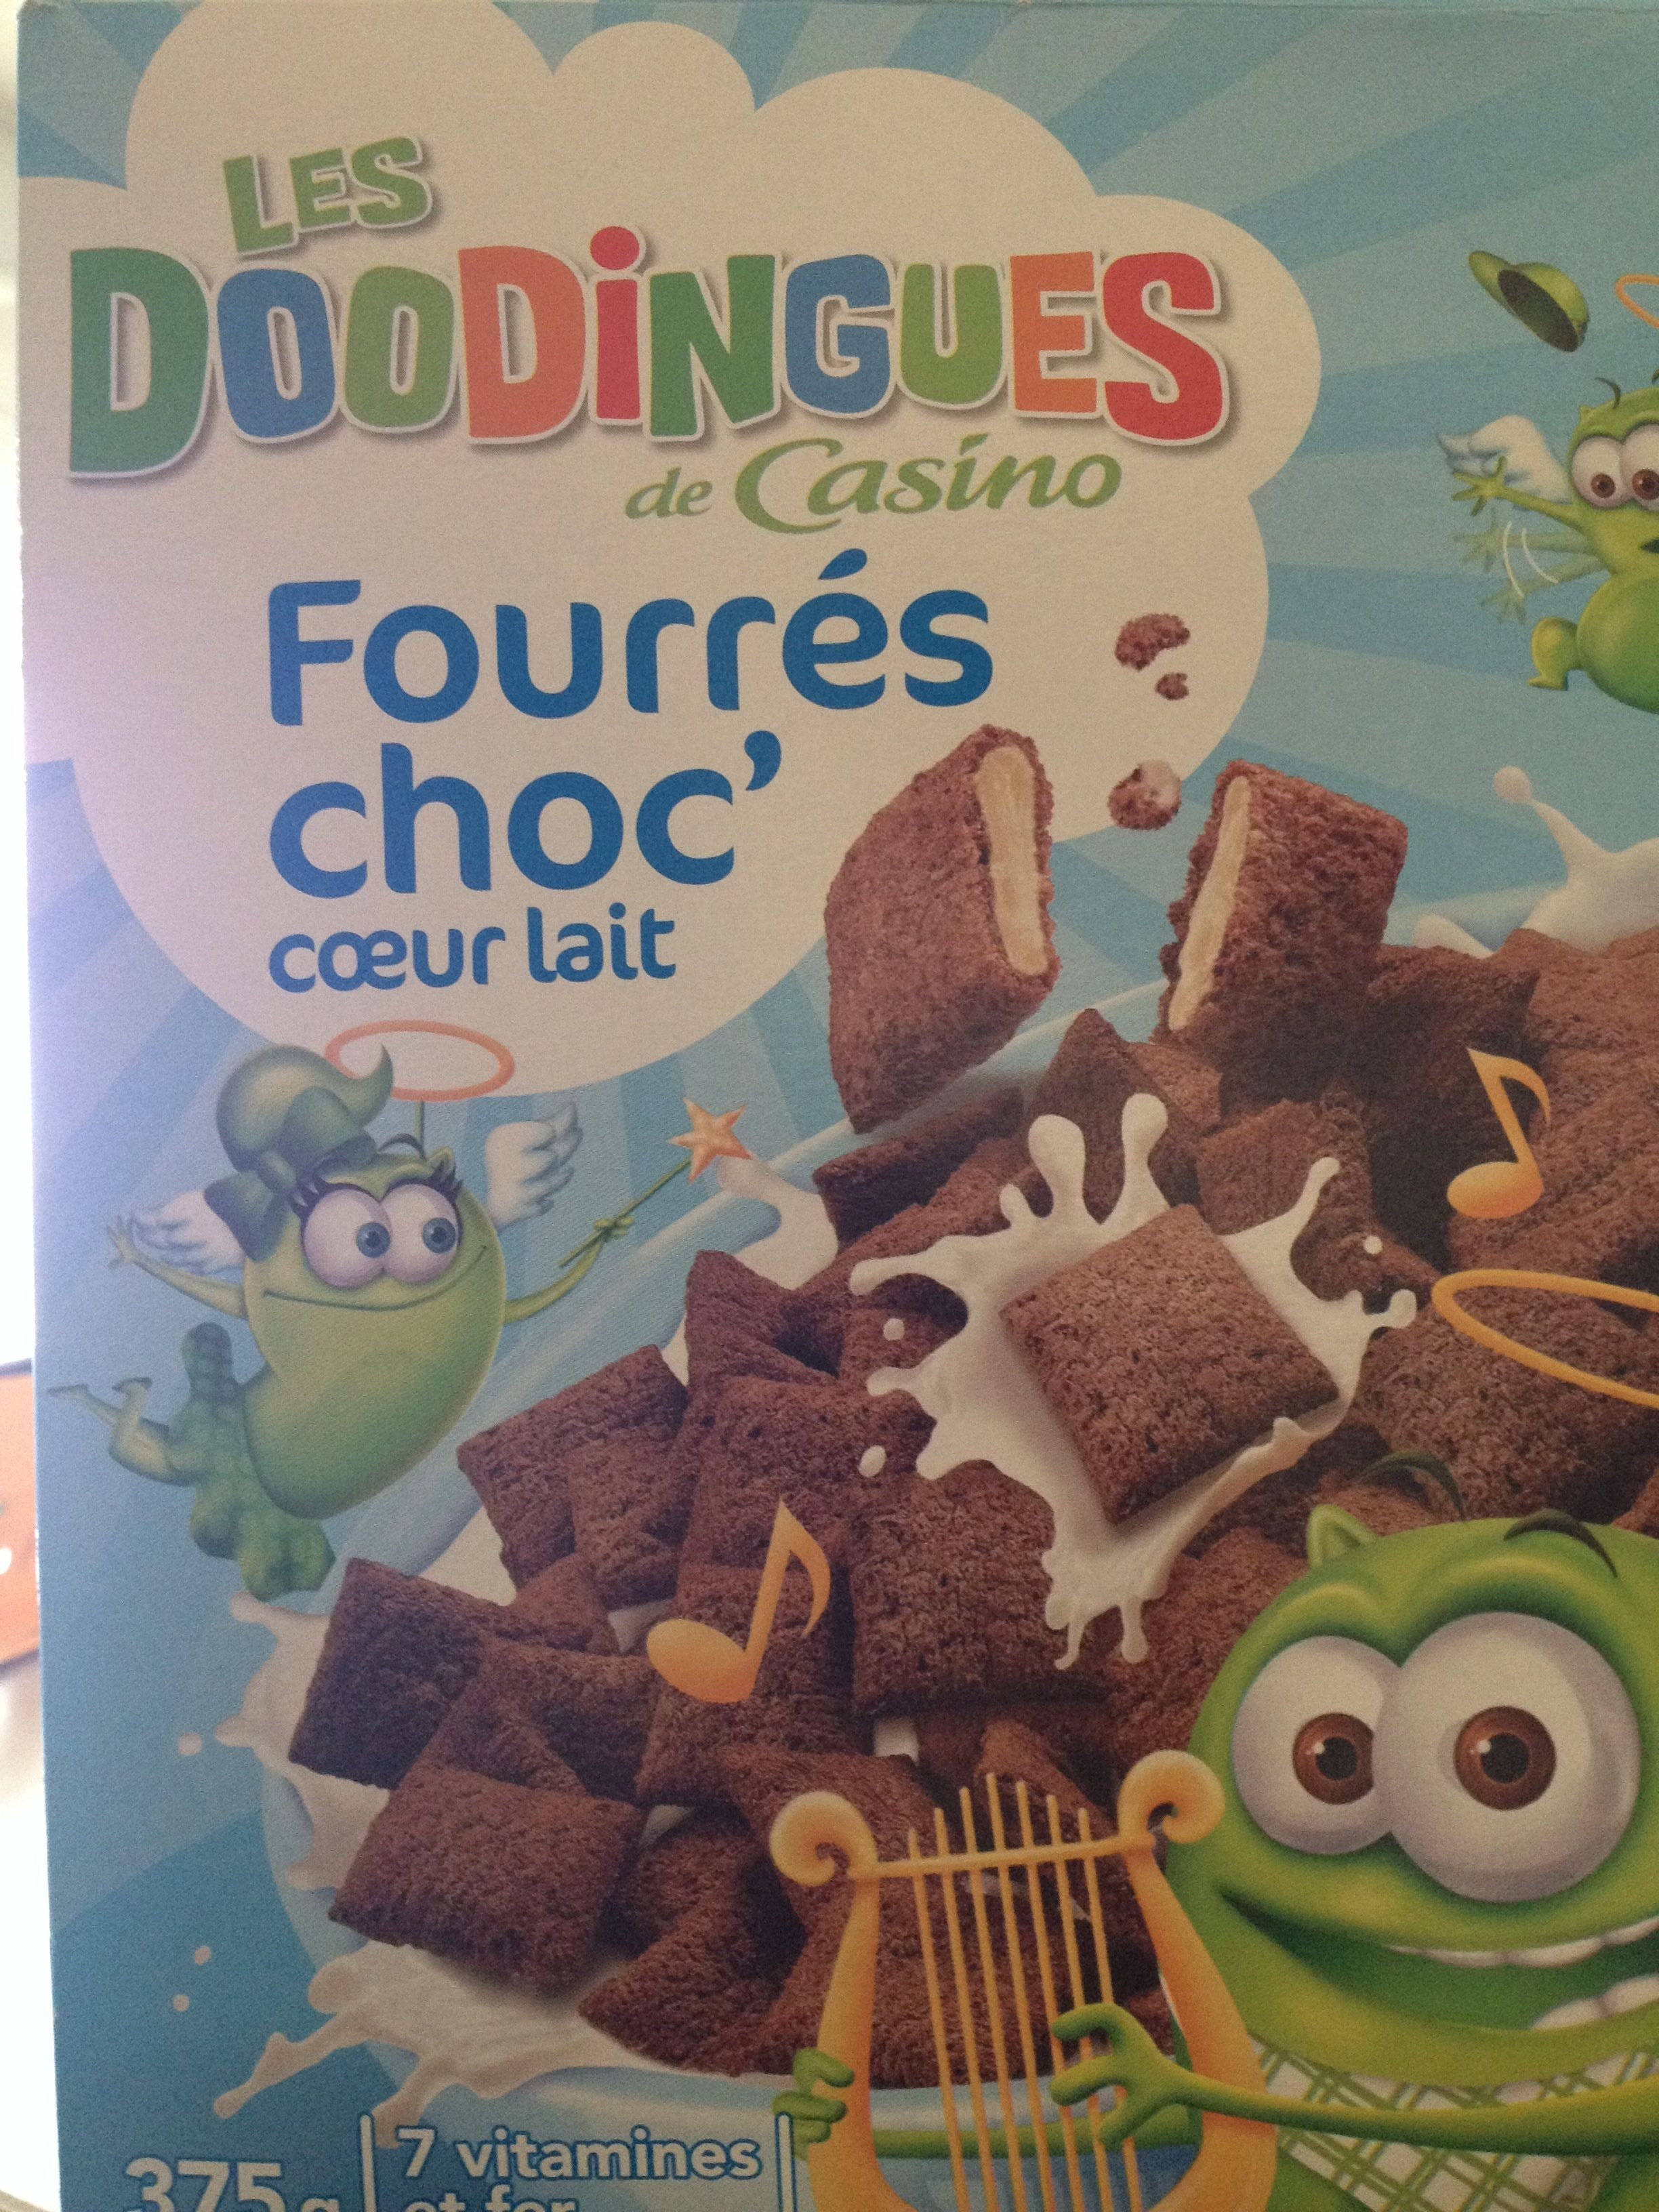 Fourés choc' coeur lait - Produit